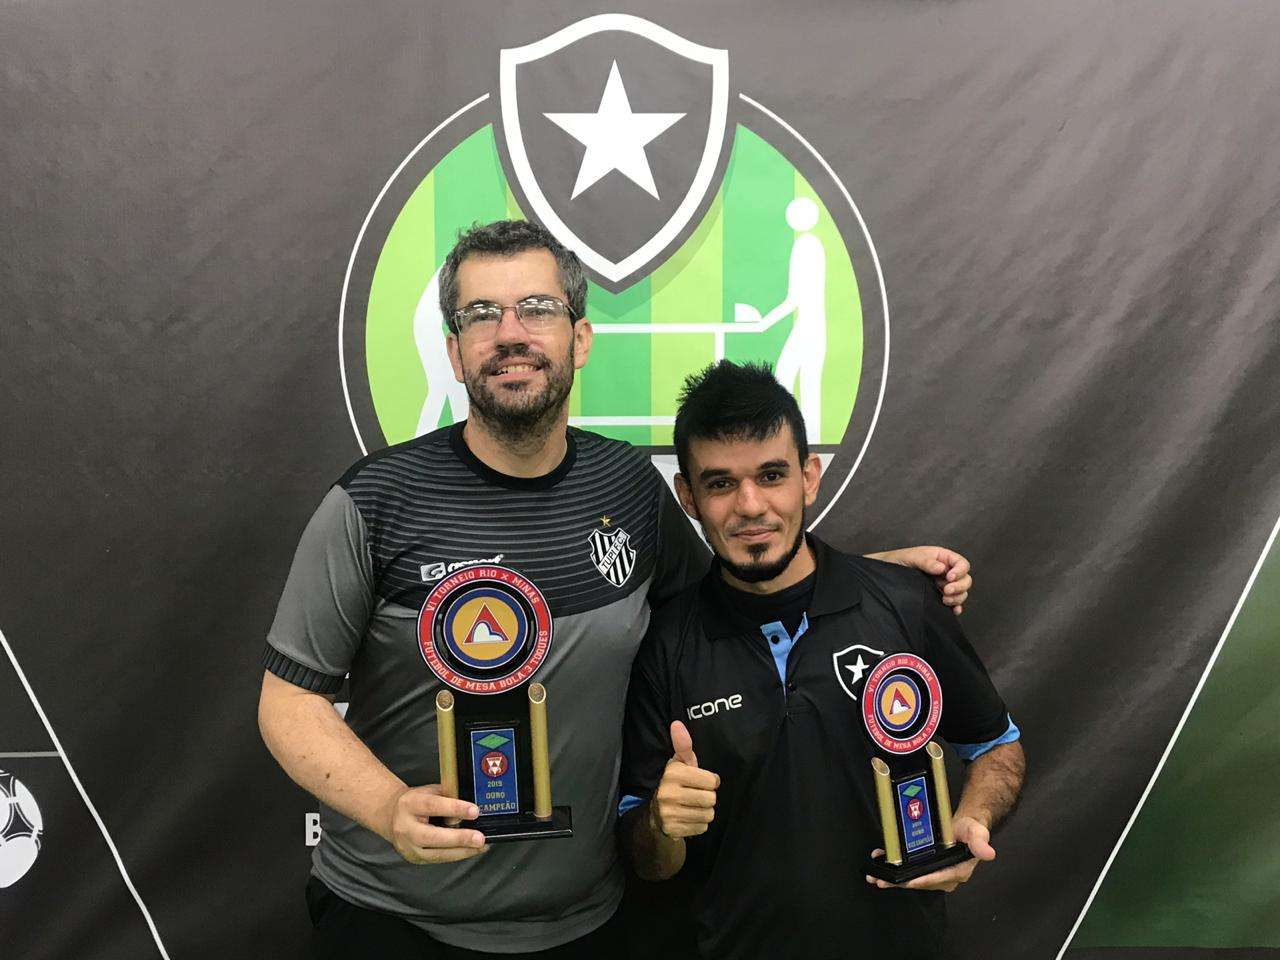 É Carijó! Marcus Motta, do Tupi, é campeão do Rio-Minas de futebol de mesa